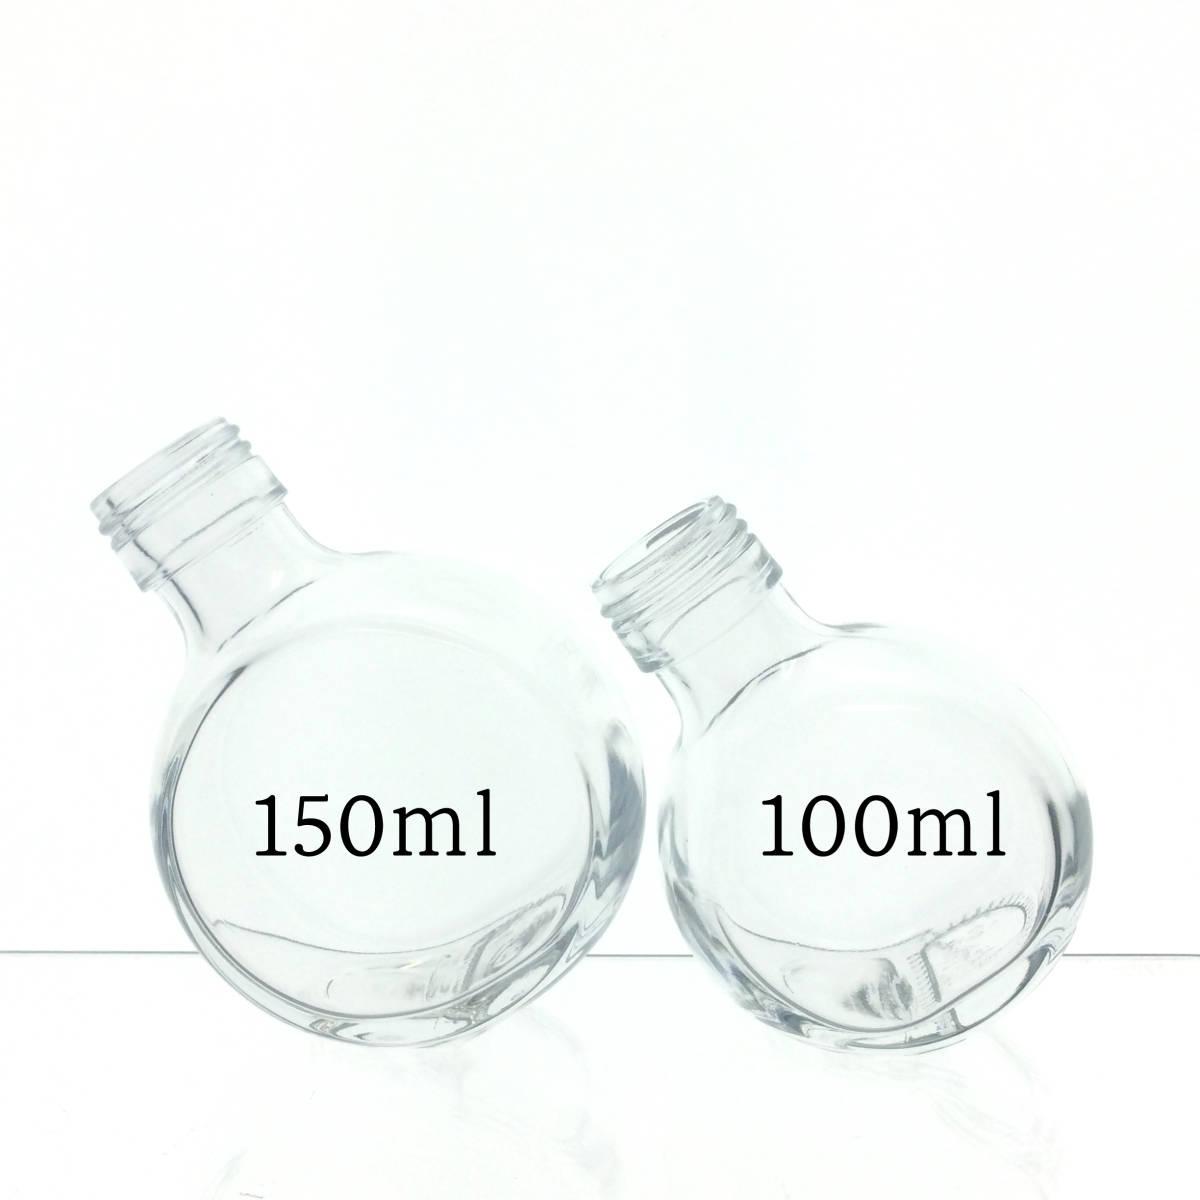 ハーバリウム瓶 ねこ平100ml 6本 ♪♪_画像4